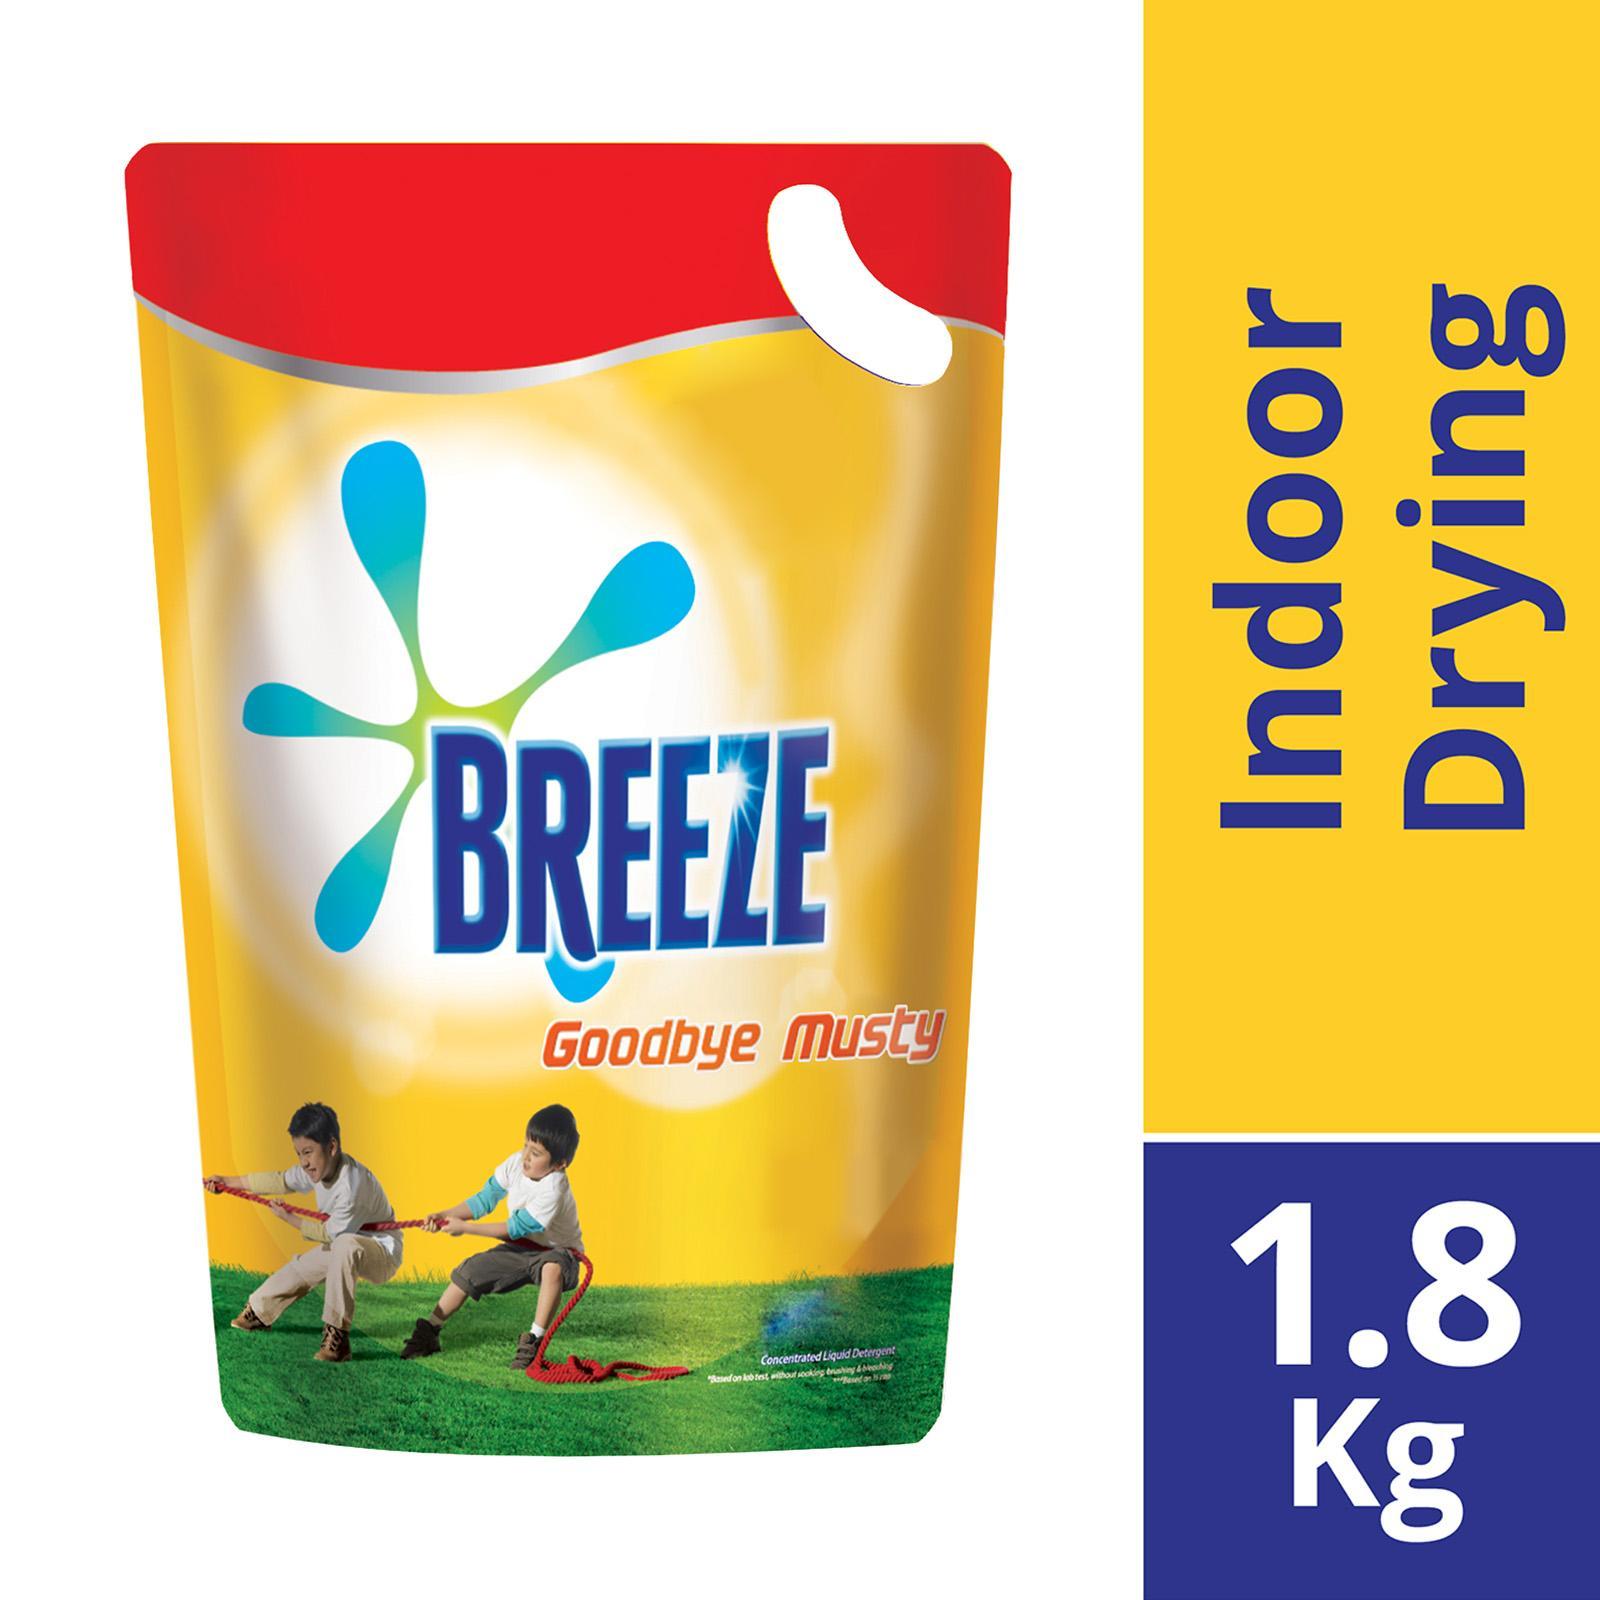 BREEZE Liquid Detergent Refill Goodbye Musty (Indoor Drying) 1.8kg